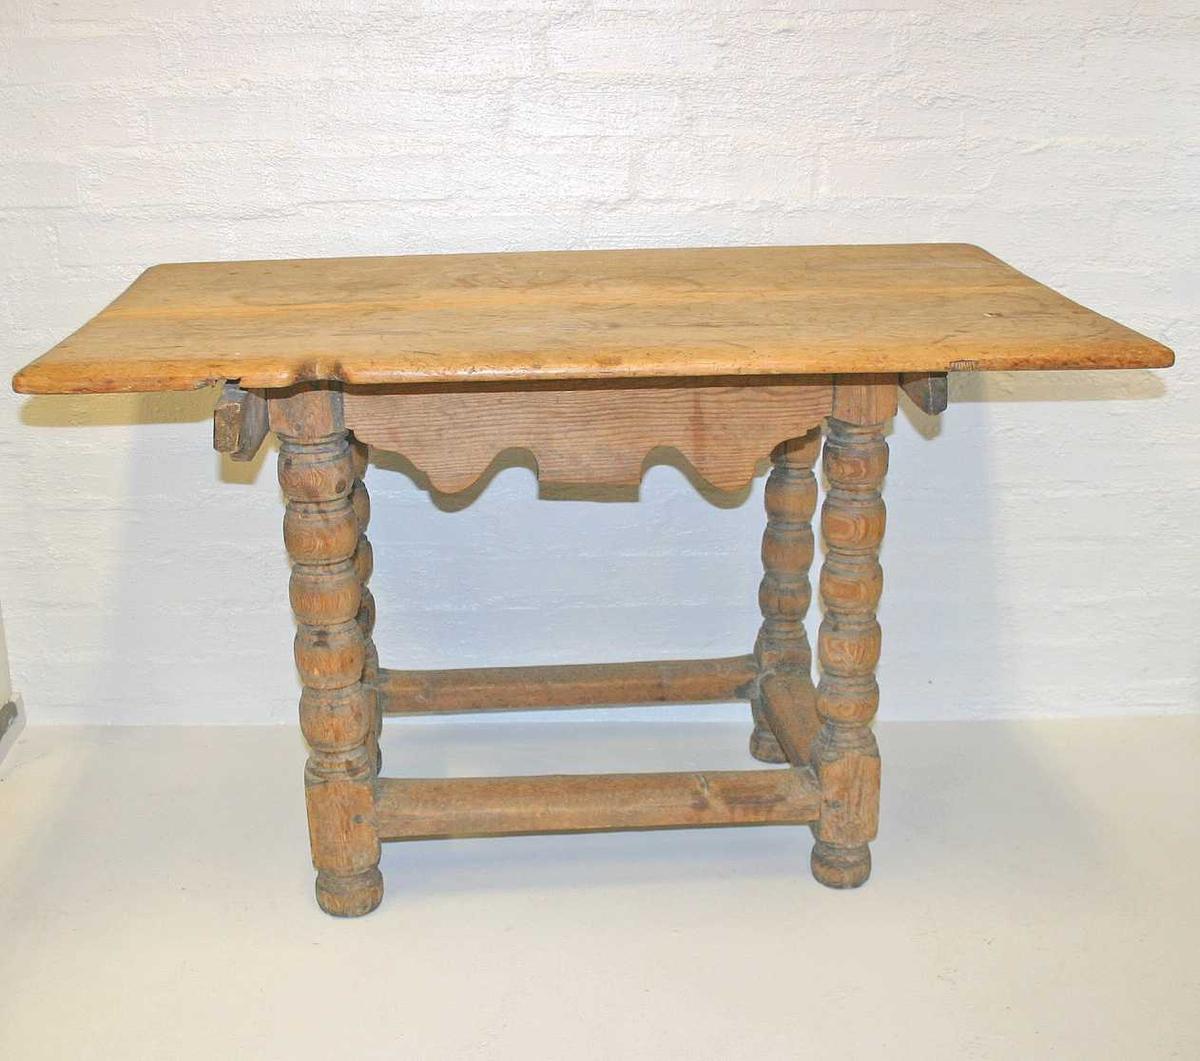 1 firkantet bord   Platen er 66 x 110 cm, høiden fra gulvet 70 cm. Platen er løs og hviler paa 4 føtter, der oventil og nedentil er forbundet med tværstykker. Føtterne dreiet i kuleformige avdelinger. Kjøpt av gaardbr. Johannes Rutlin, Sogndal